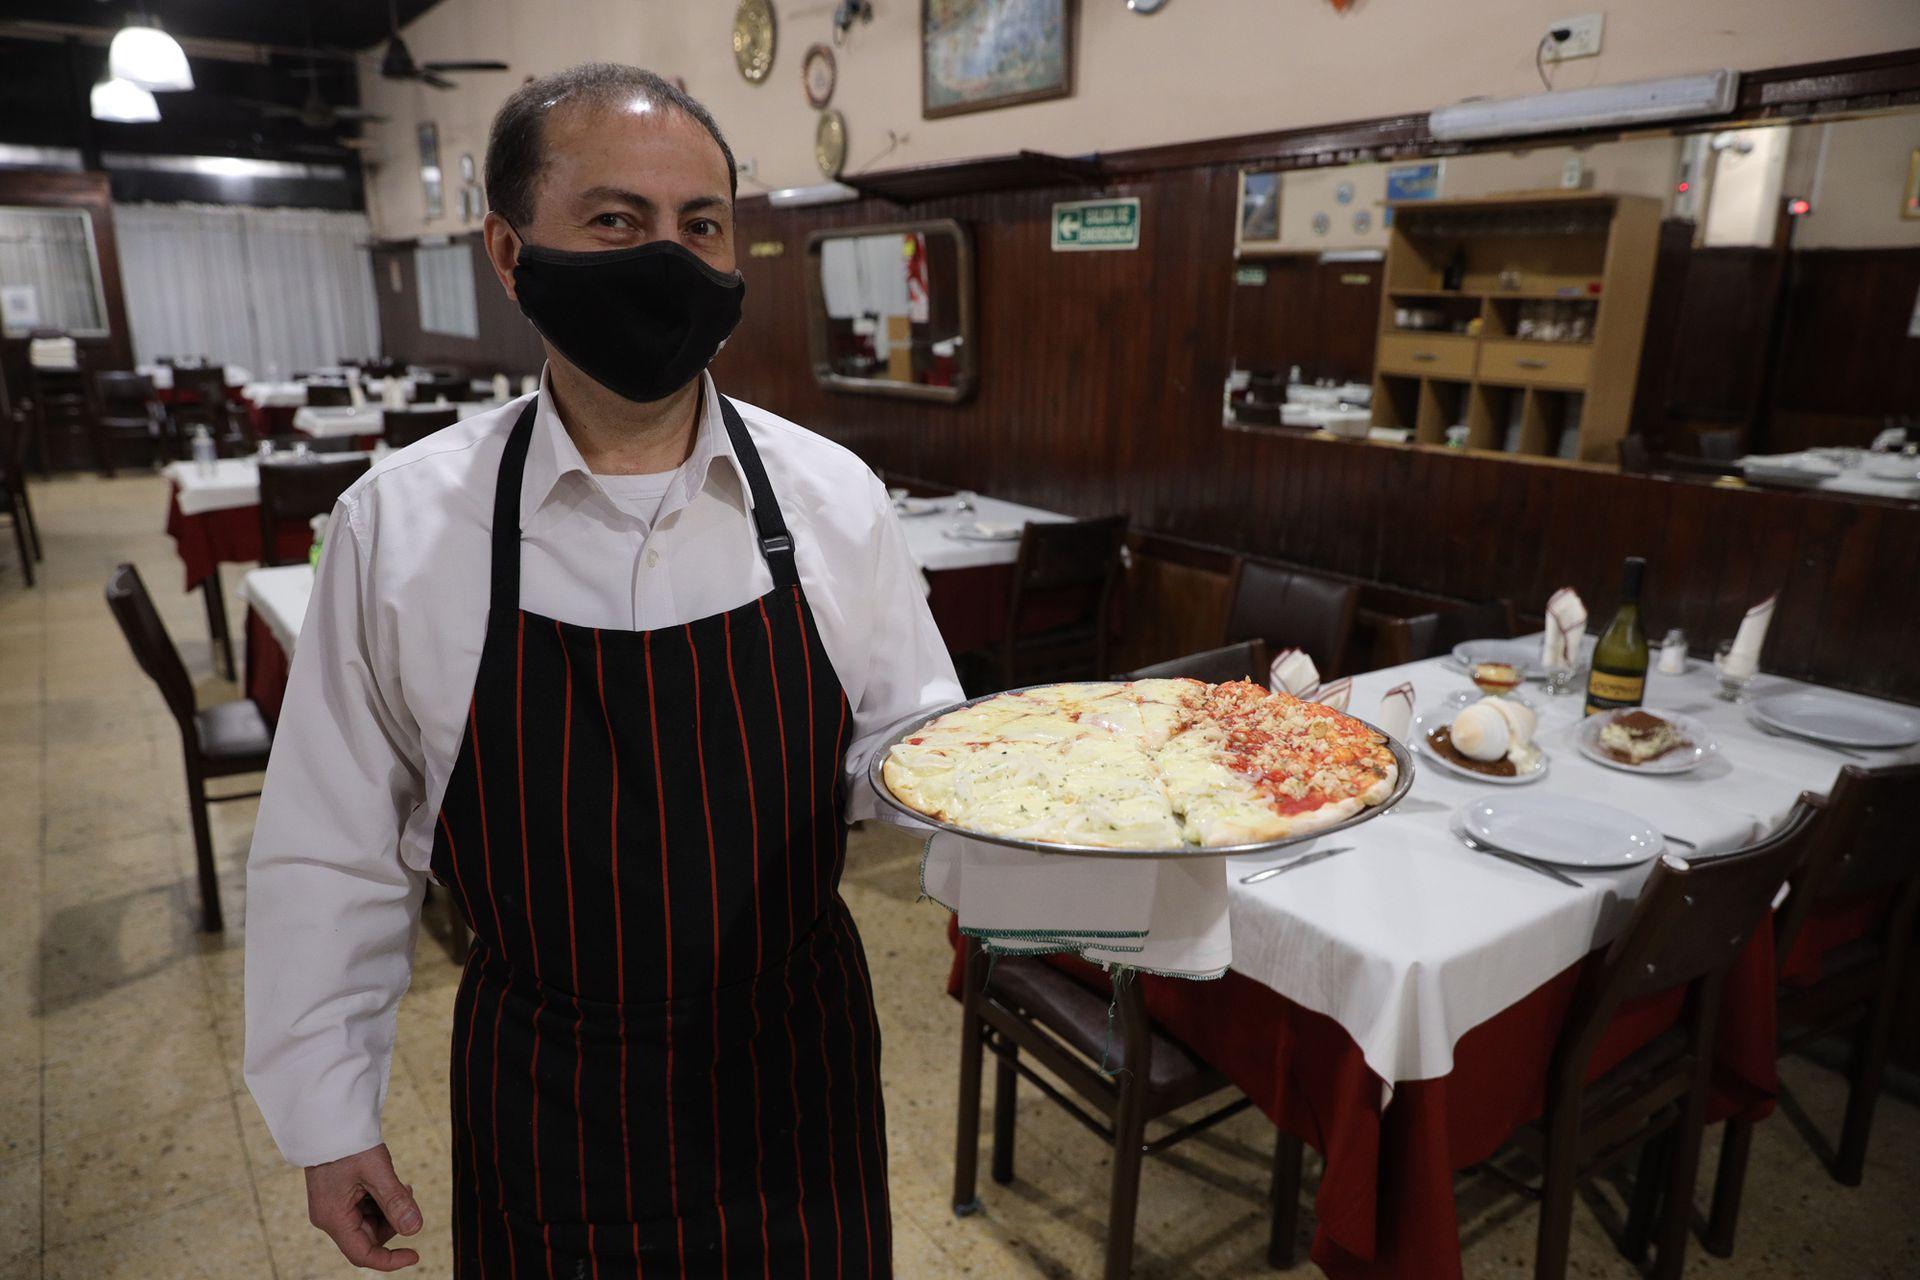 Restaurante Albamonte, en el barrio porteño de Chacarita. Eduardo con una pizza Mercedes Benz de tres gustos.